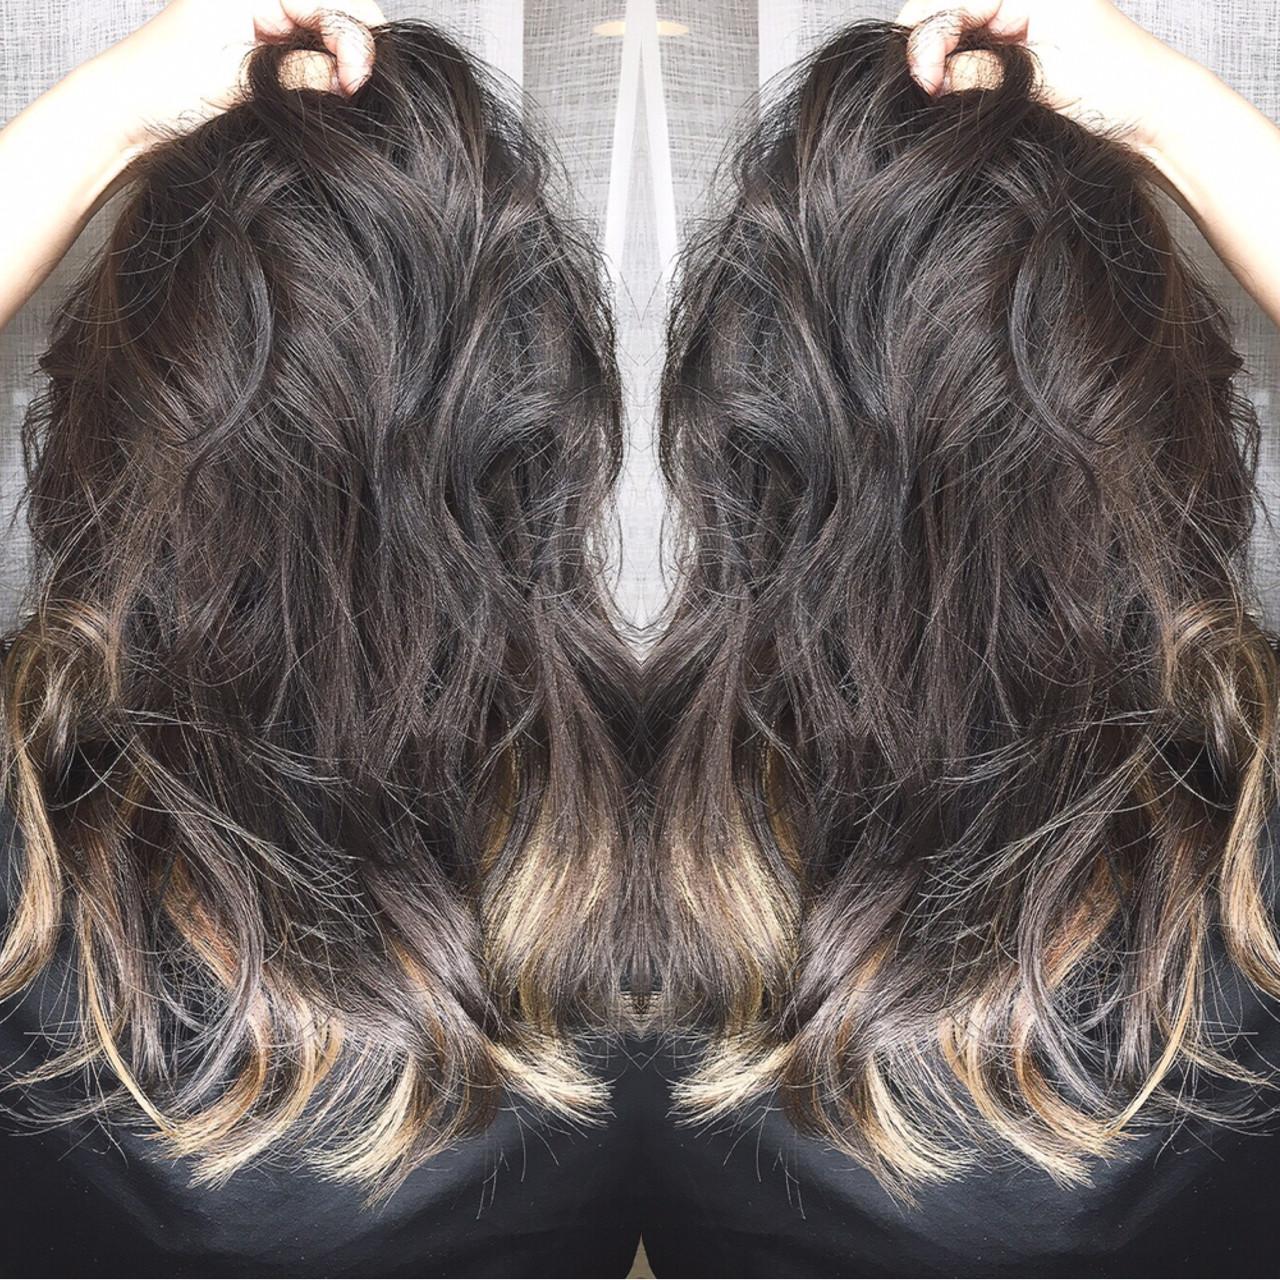 セミロング アッシュ 外国人風 インナーカラー ヘアスタイルや髪型の写真・画像